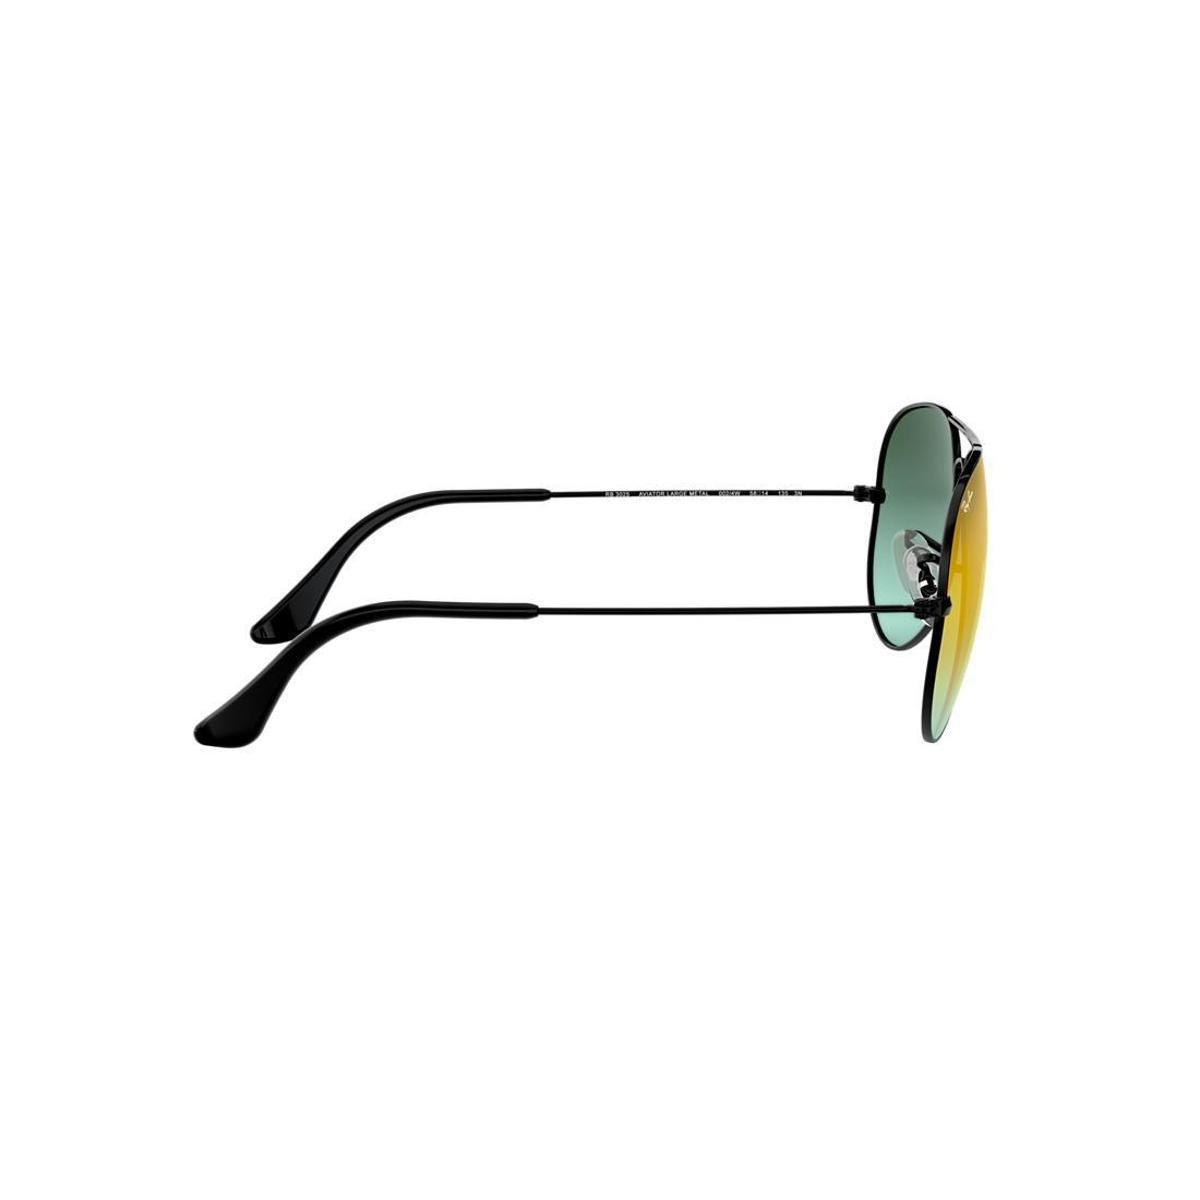 ... low price Óculos de sol ray ban rb3025 aviator gradiente espelhado  7eaeb 57338 c74f38fc1d